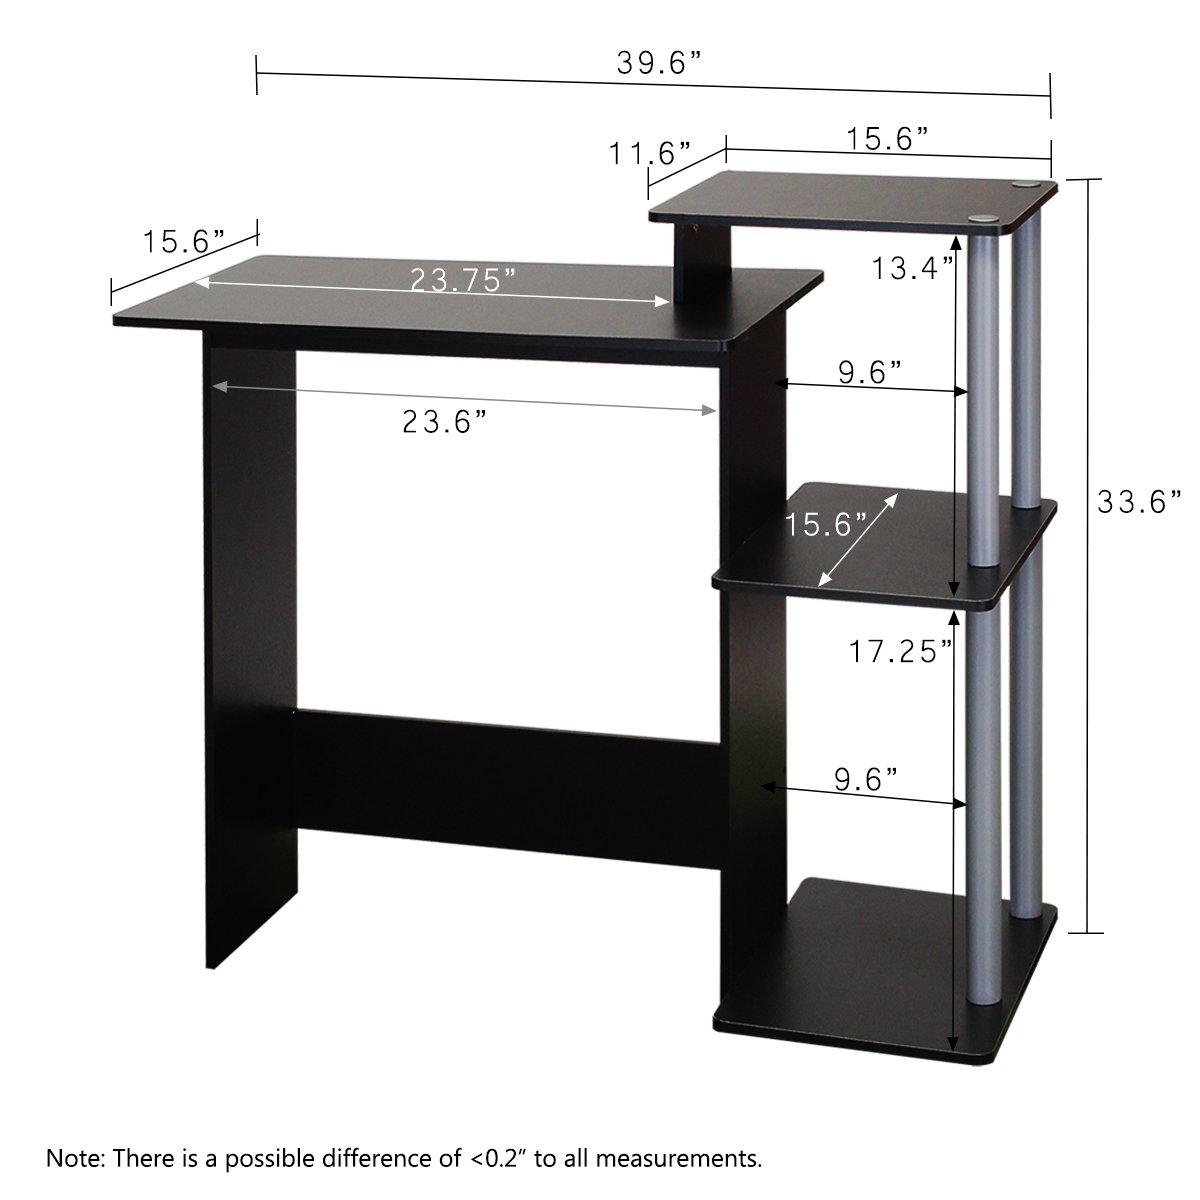 Amazon.com: Furinno 11192BK/GY Efficient Computer Desk, Black/Grey ...